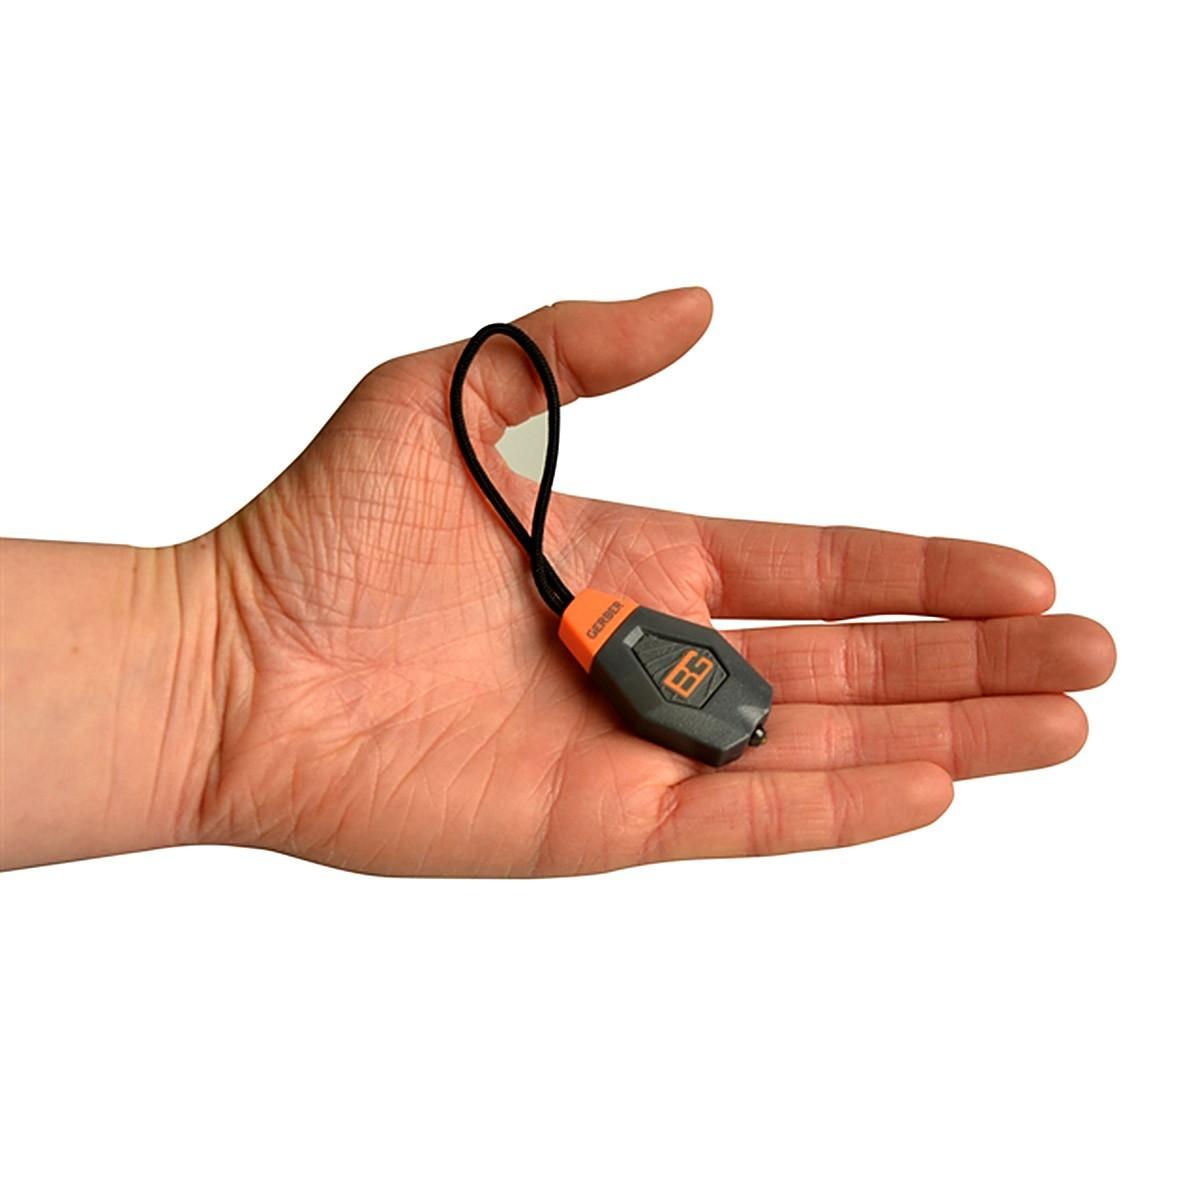 ไฟฉาย พวงกุญแจ Gerber Bear Grylls Micro Torch 8 Lumens (3 Modes) 31-001034